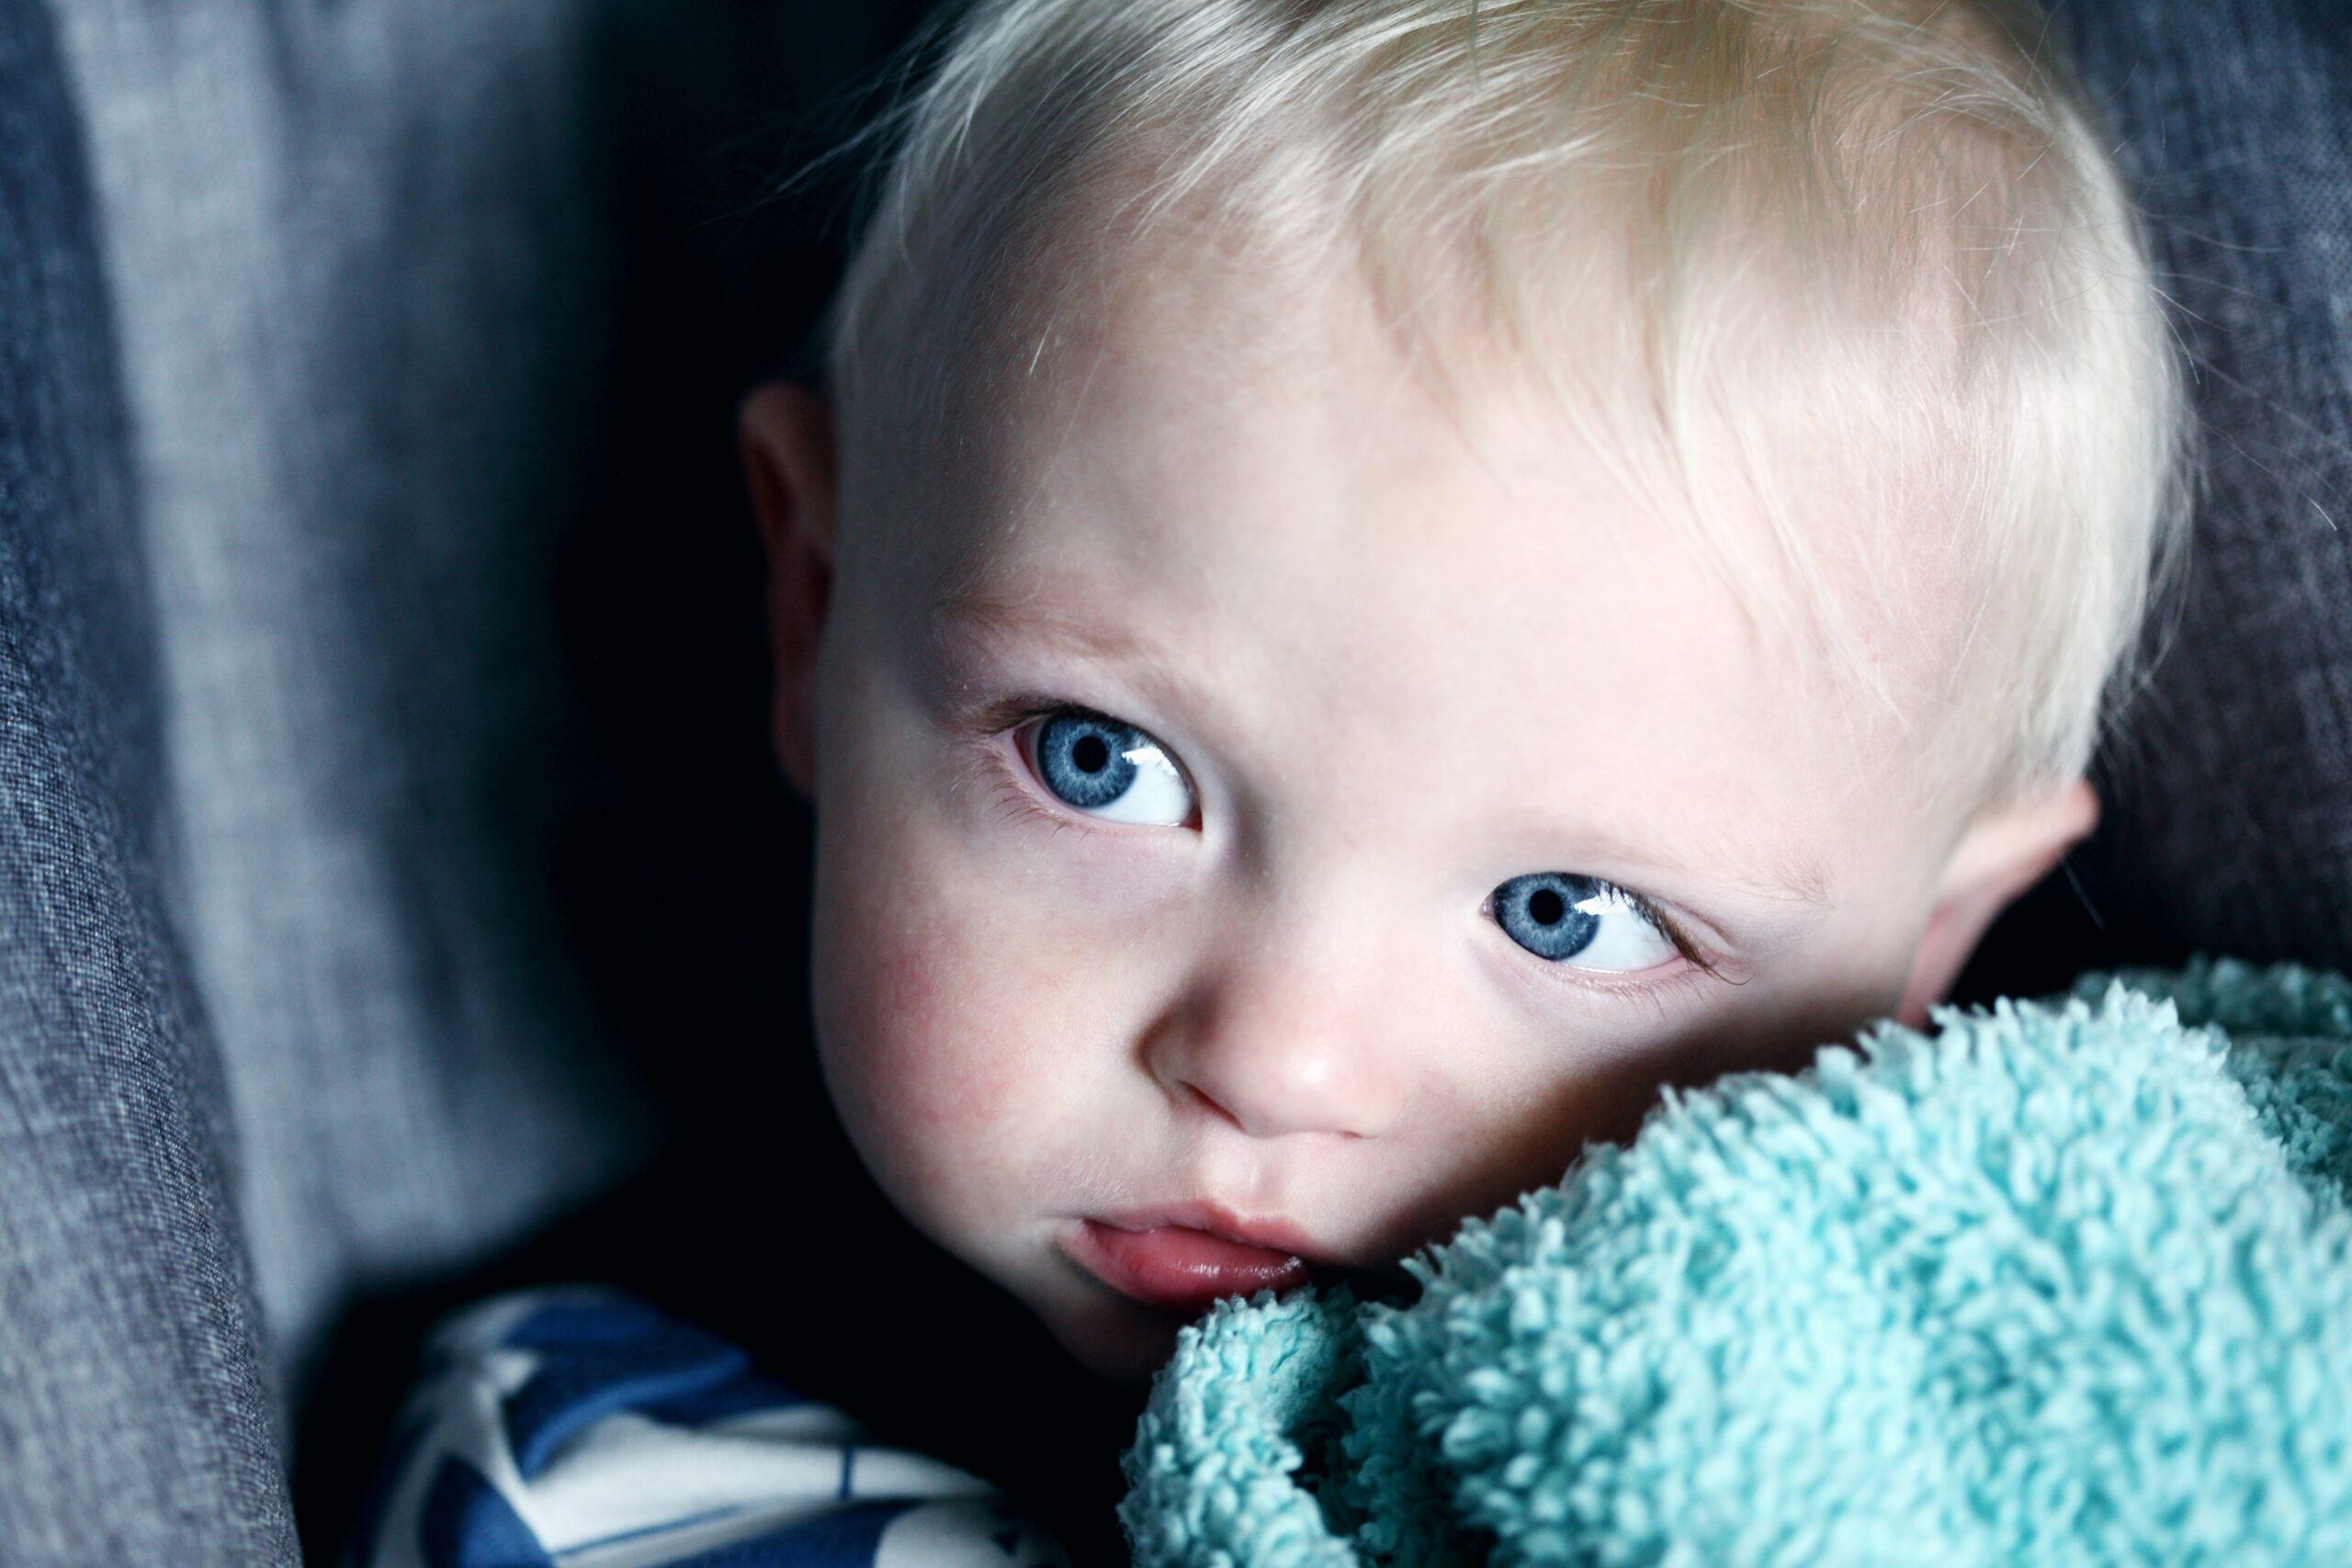 ein kleines Kind schaut nachdenklich